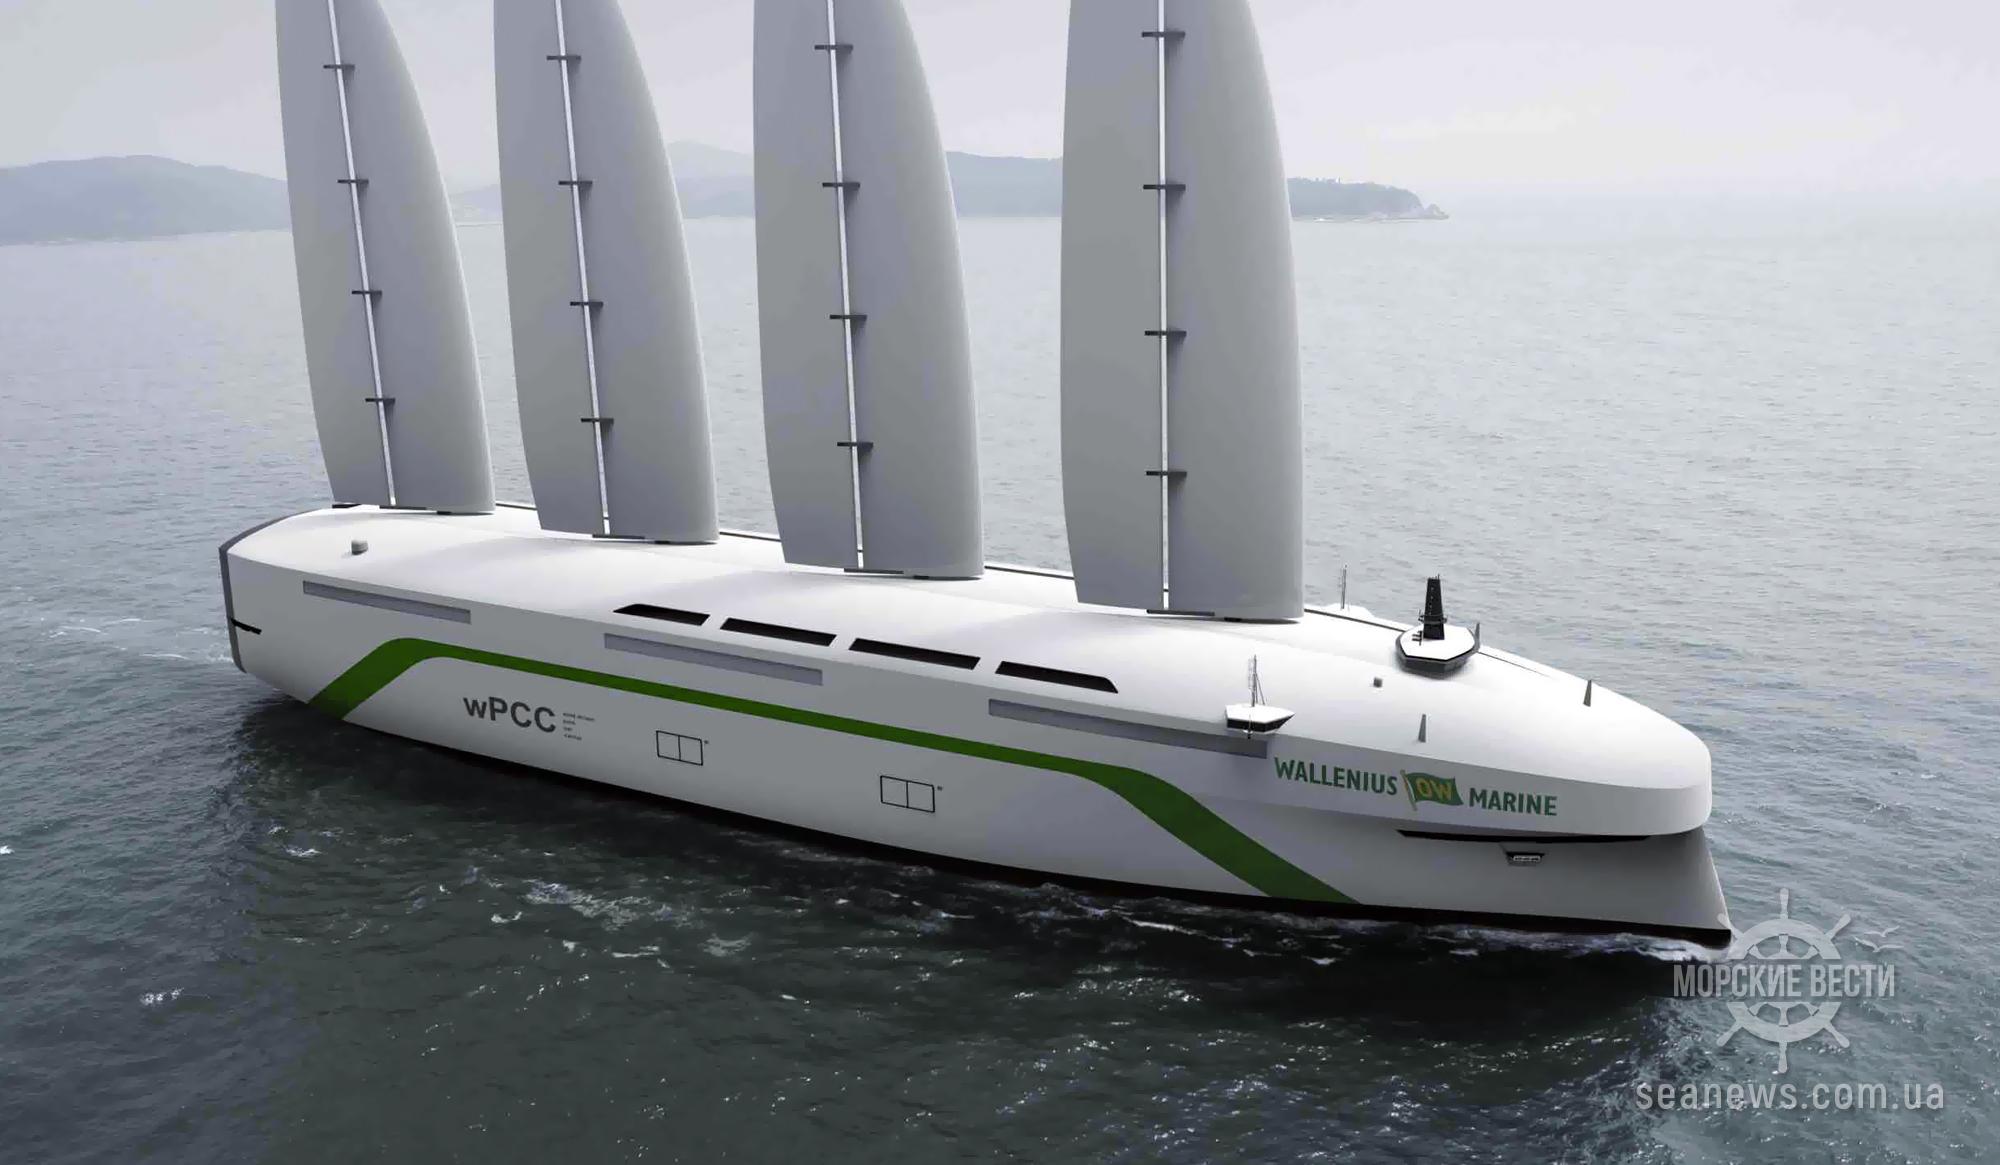 Шведские инженеры разработали проект парусного судна для трансатлантической перевозки автомобилей